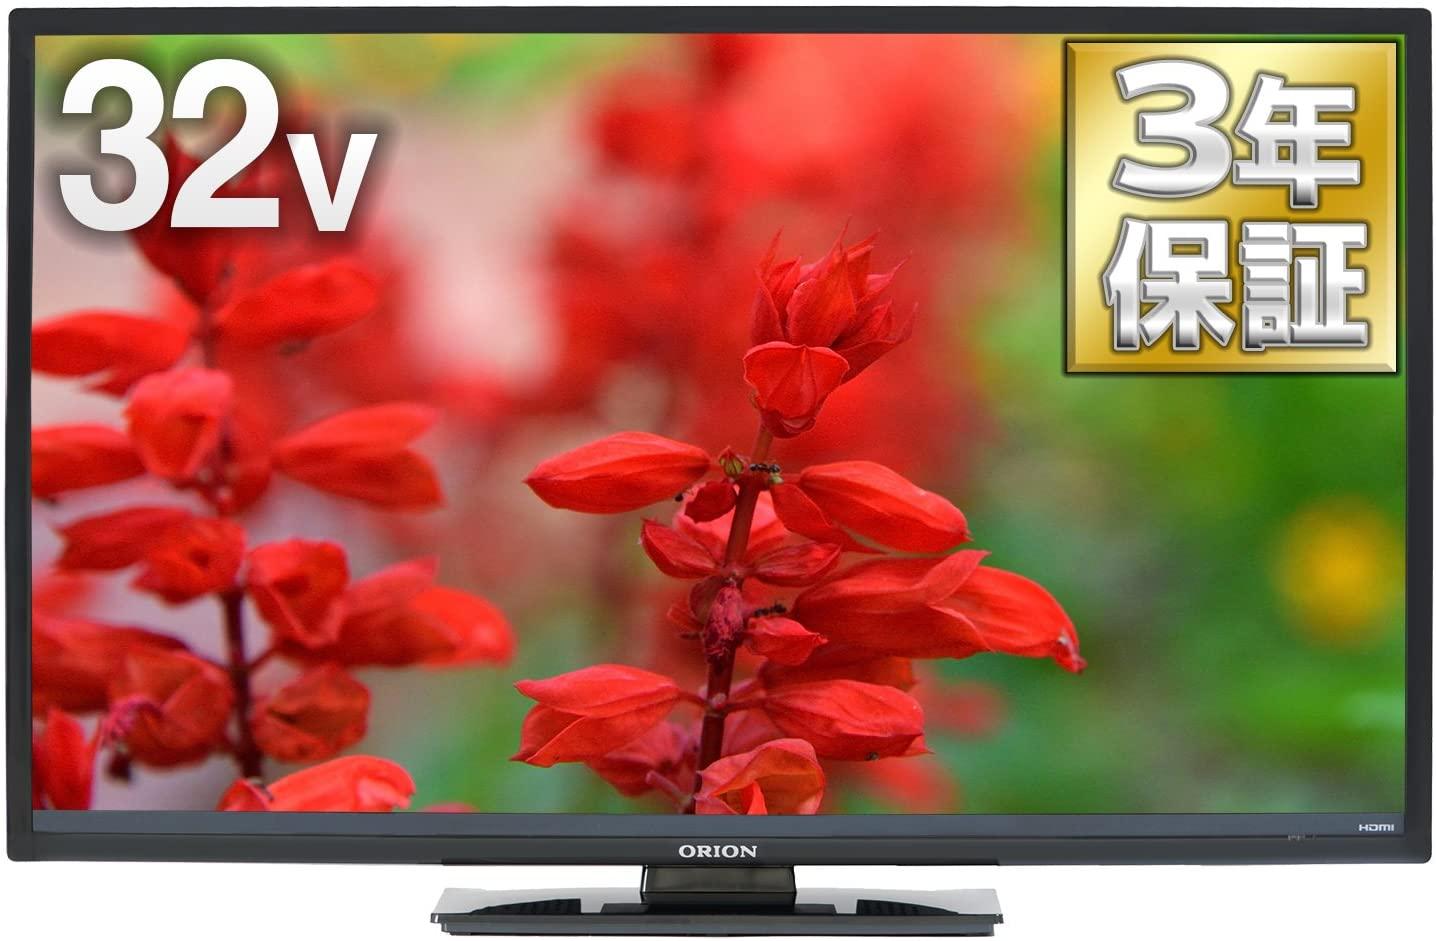 32型テレビのおすすめ人気ランキング11選【一人暮らし・寝室におすすめ】